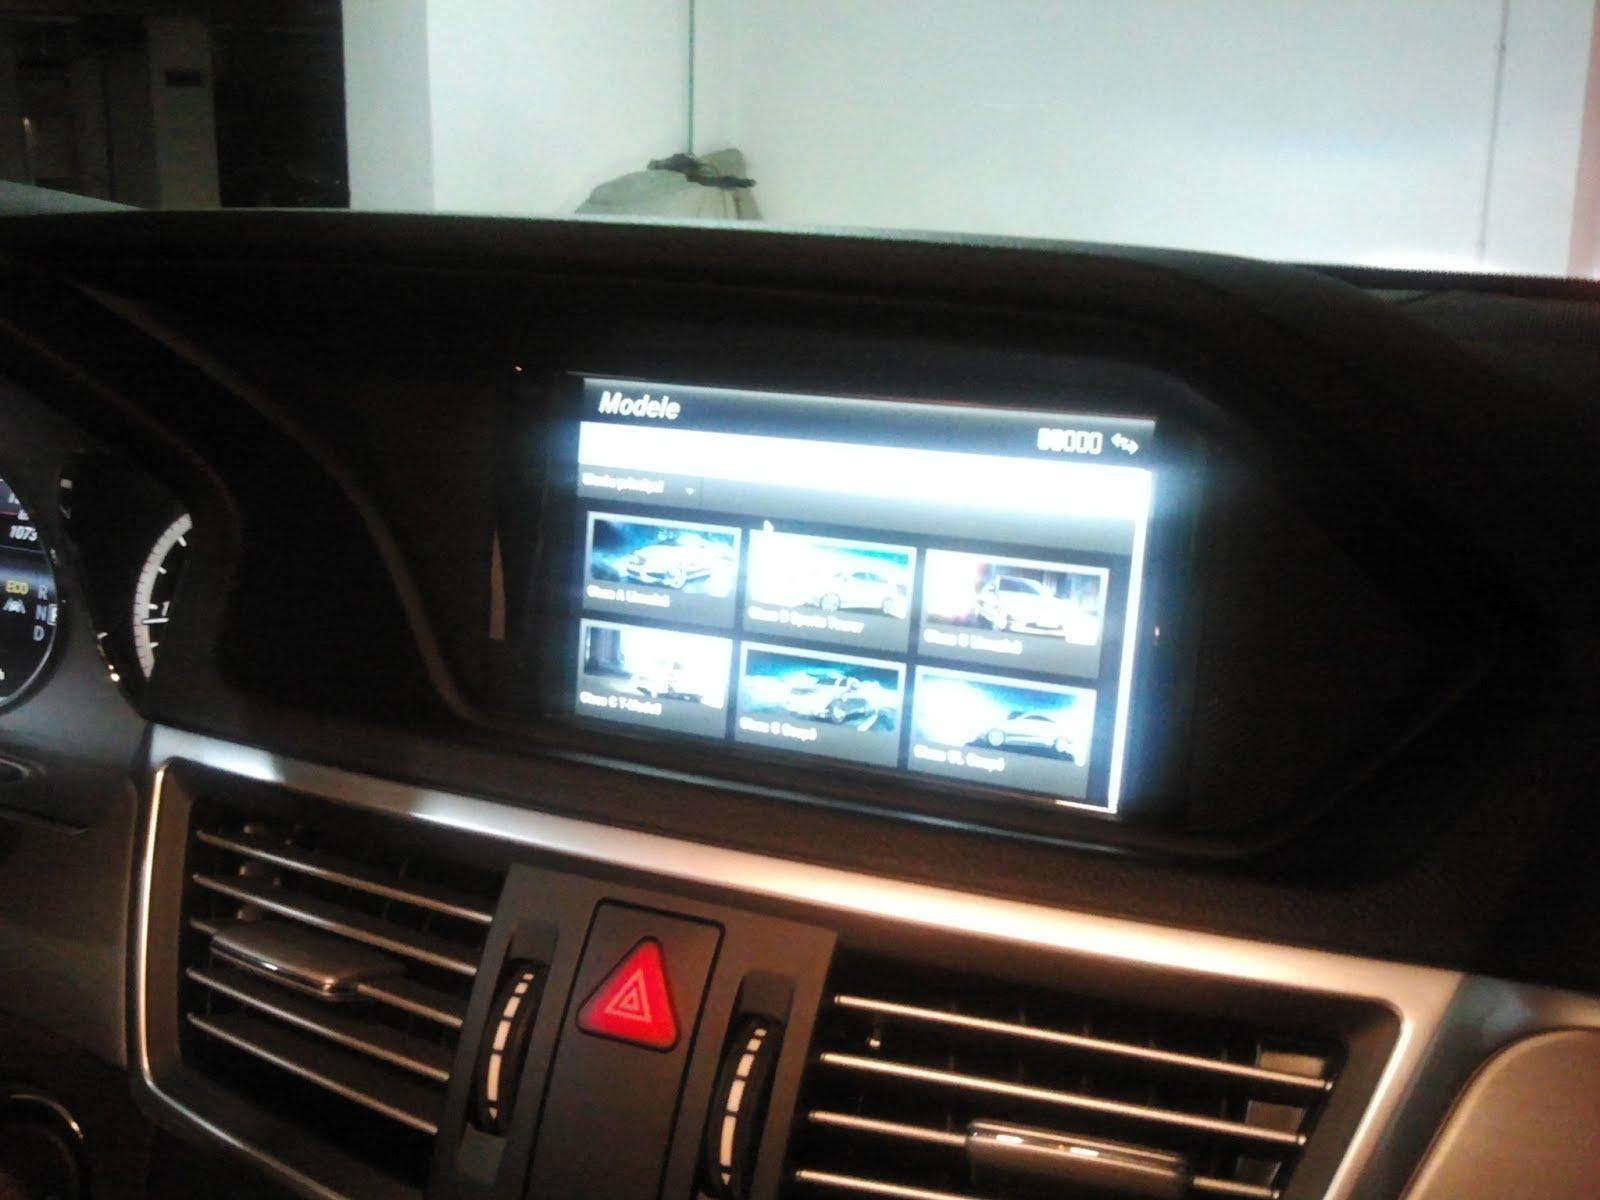 Mercedes-Benz România aduce versiunile site-ului său pentru smartphone și pentru sistemul multimedia